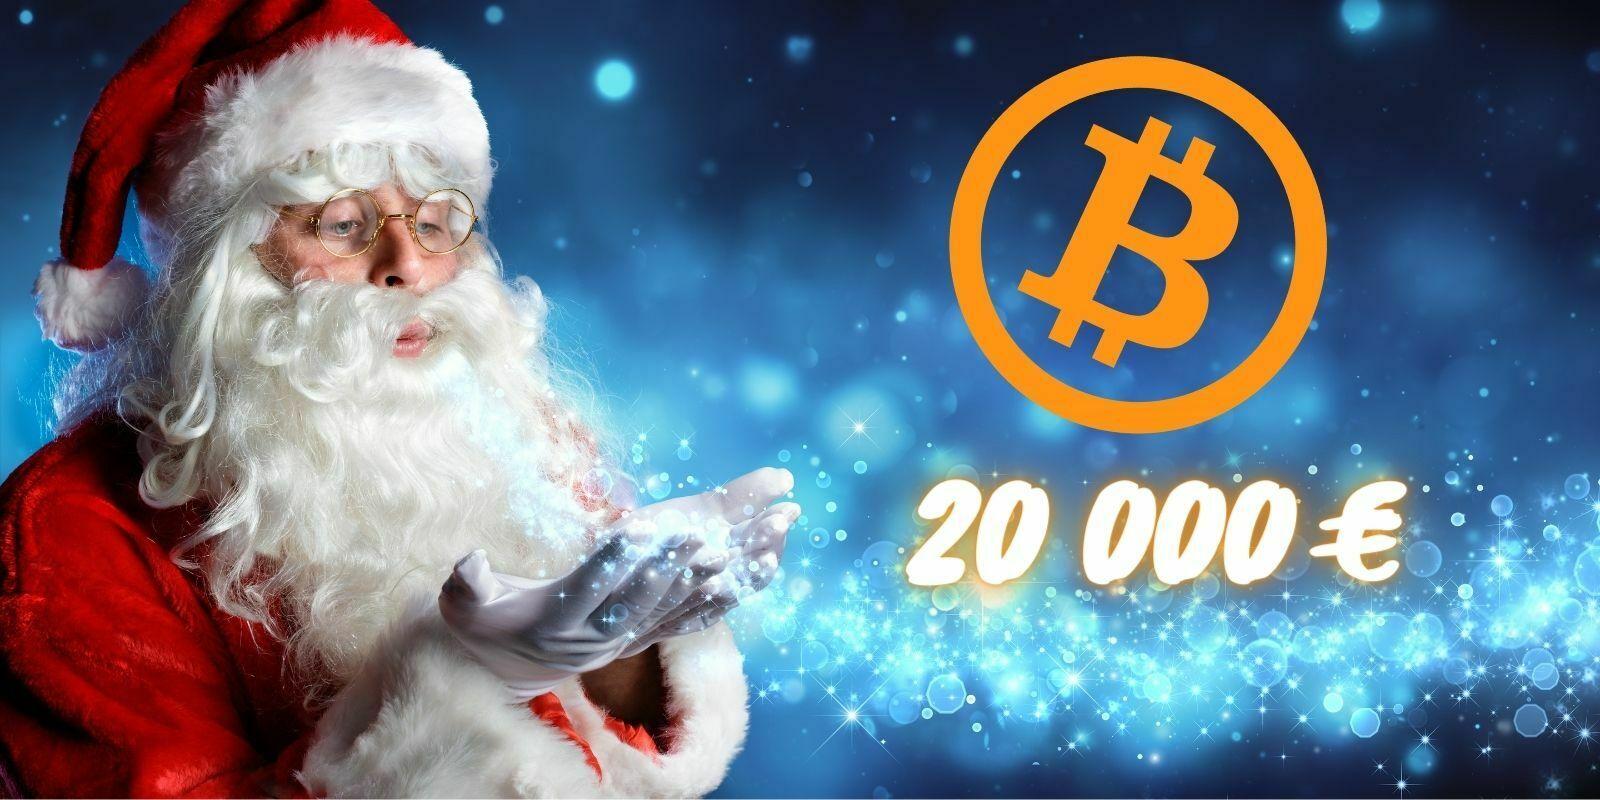 Bitcoin (BTC) dépasse pour la première fois les 20 000 € le jour de Noël